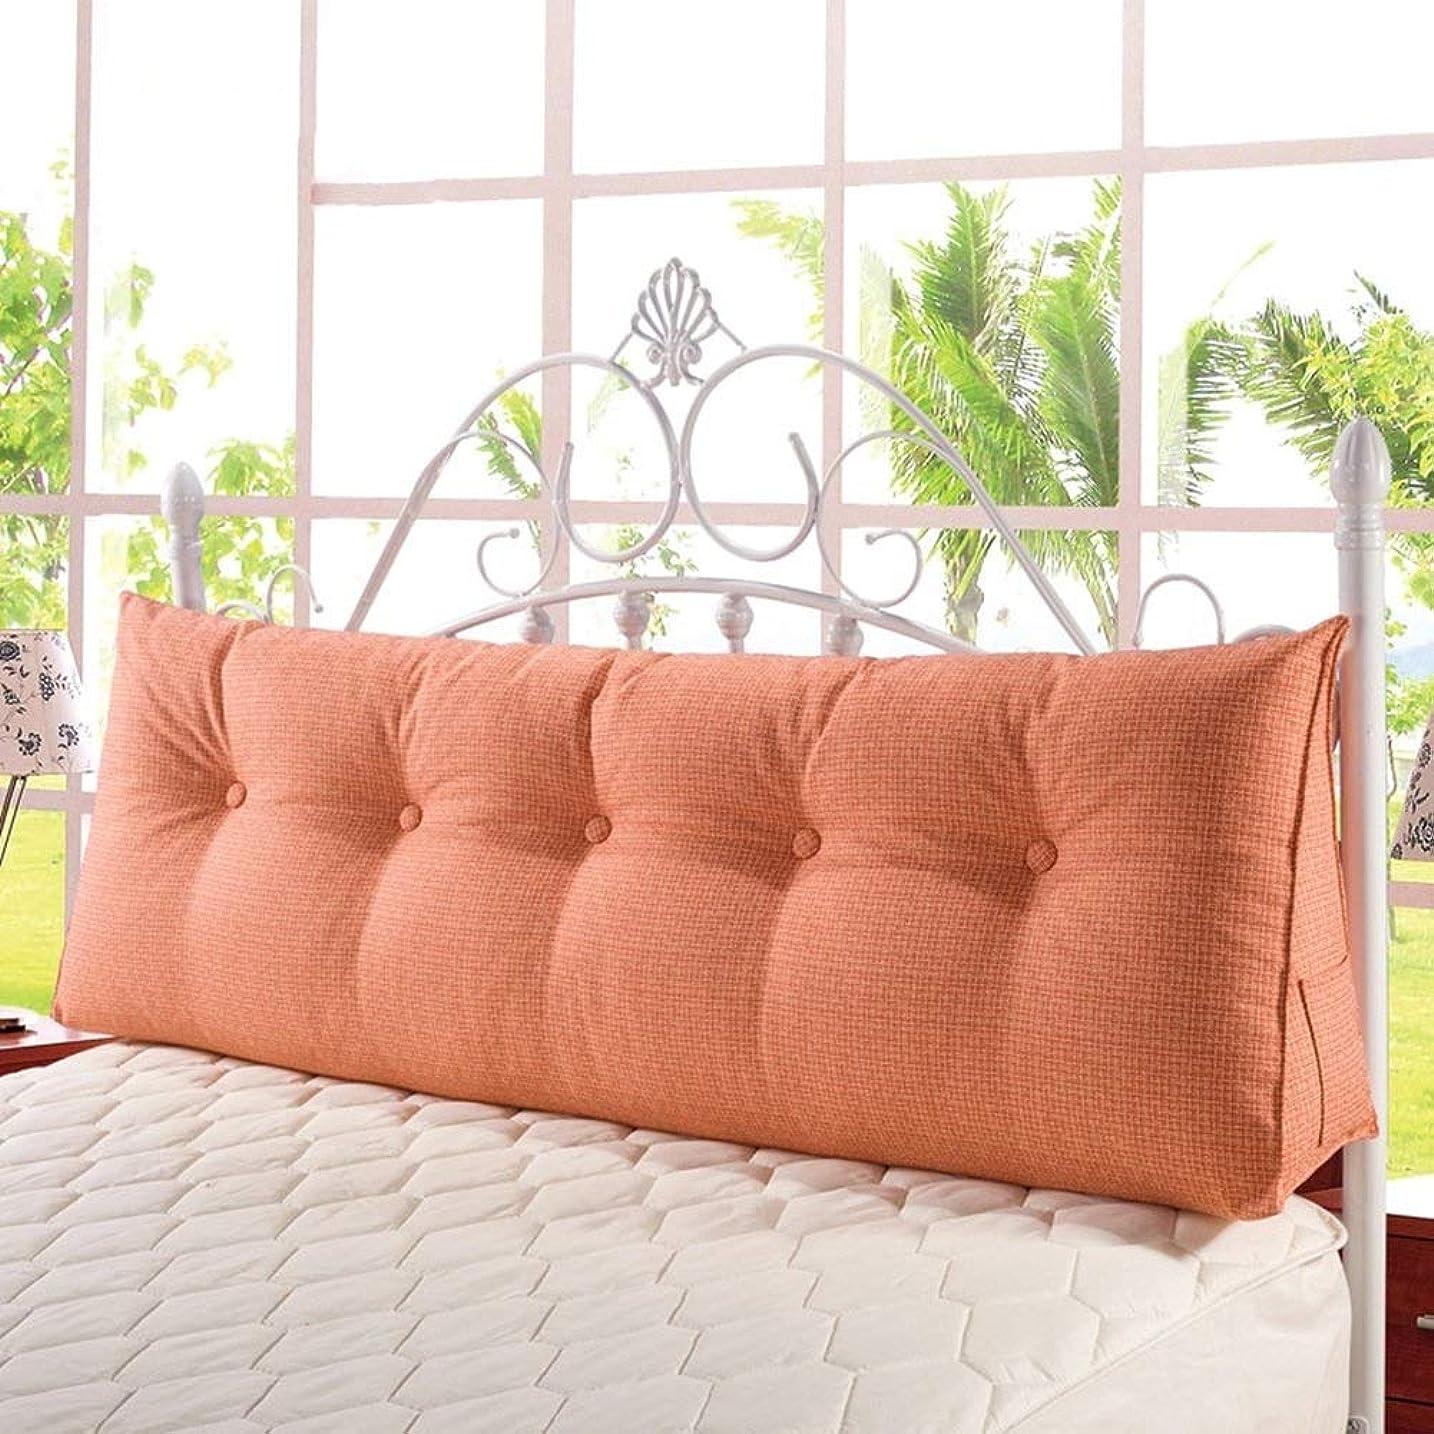 マンハッタン驚くばかりエミュレートするベッドクレードルクッション枕背もたれリネントライアングルソフトバッグベルト洗えない変形可能、6色、5ビッグ(色:3#、50秒) (Color : 6#, Size : 180×20×50cm)